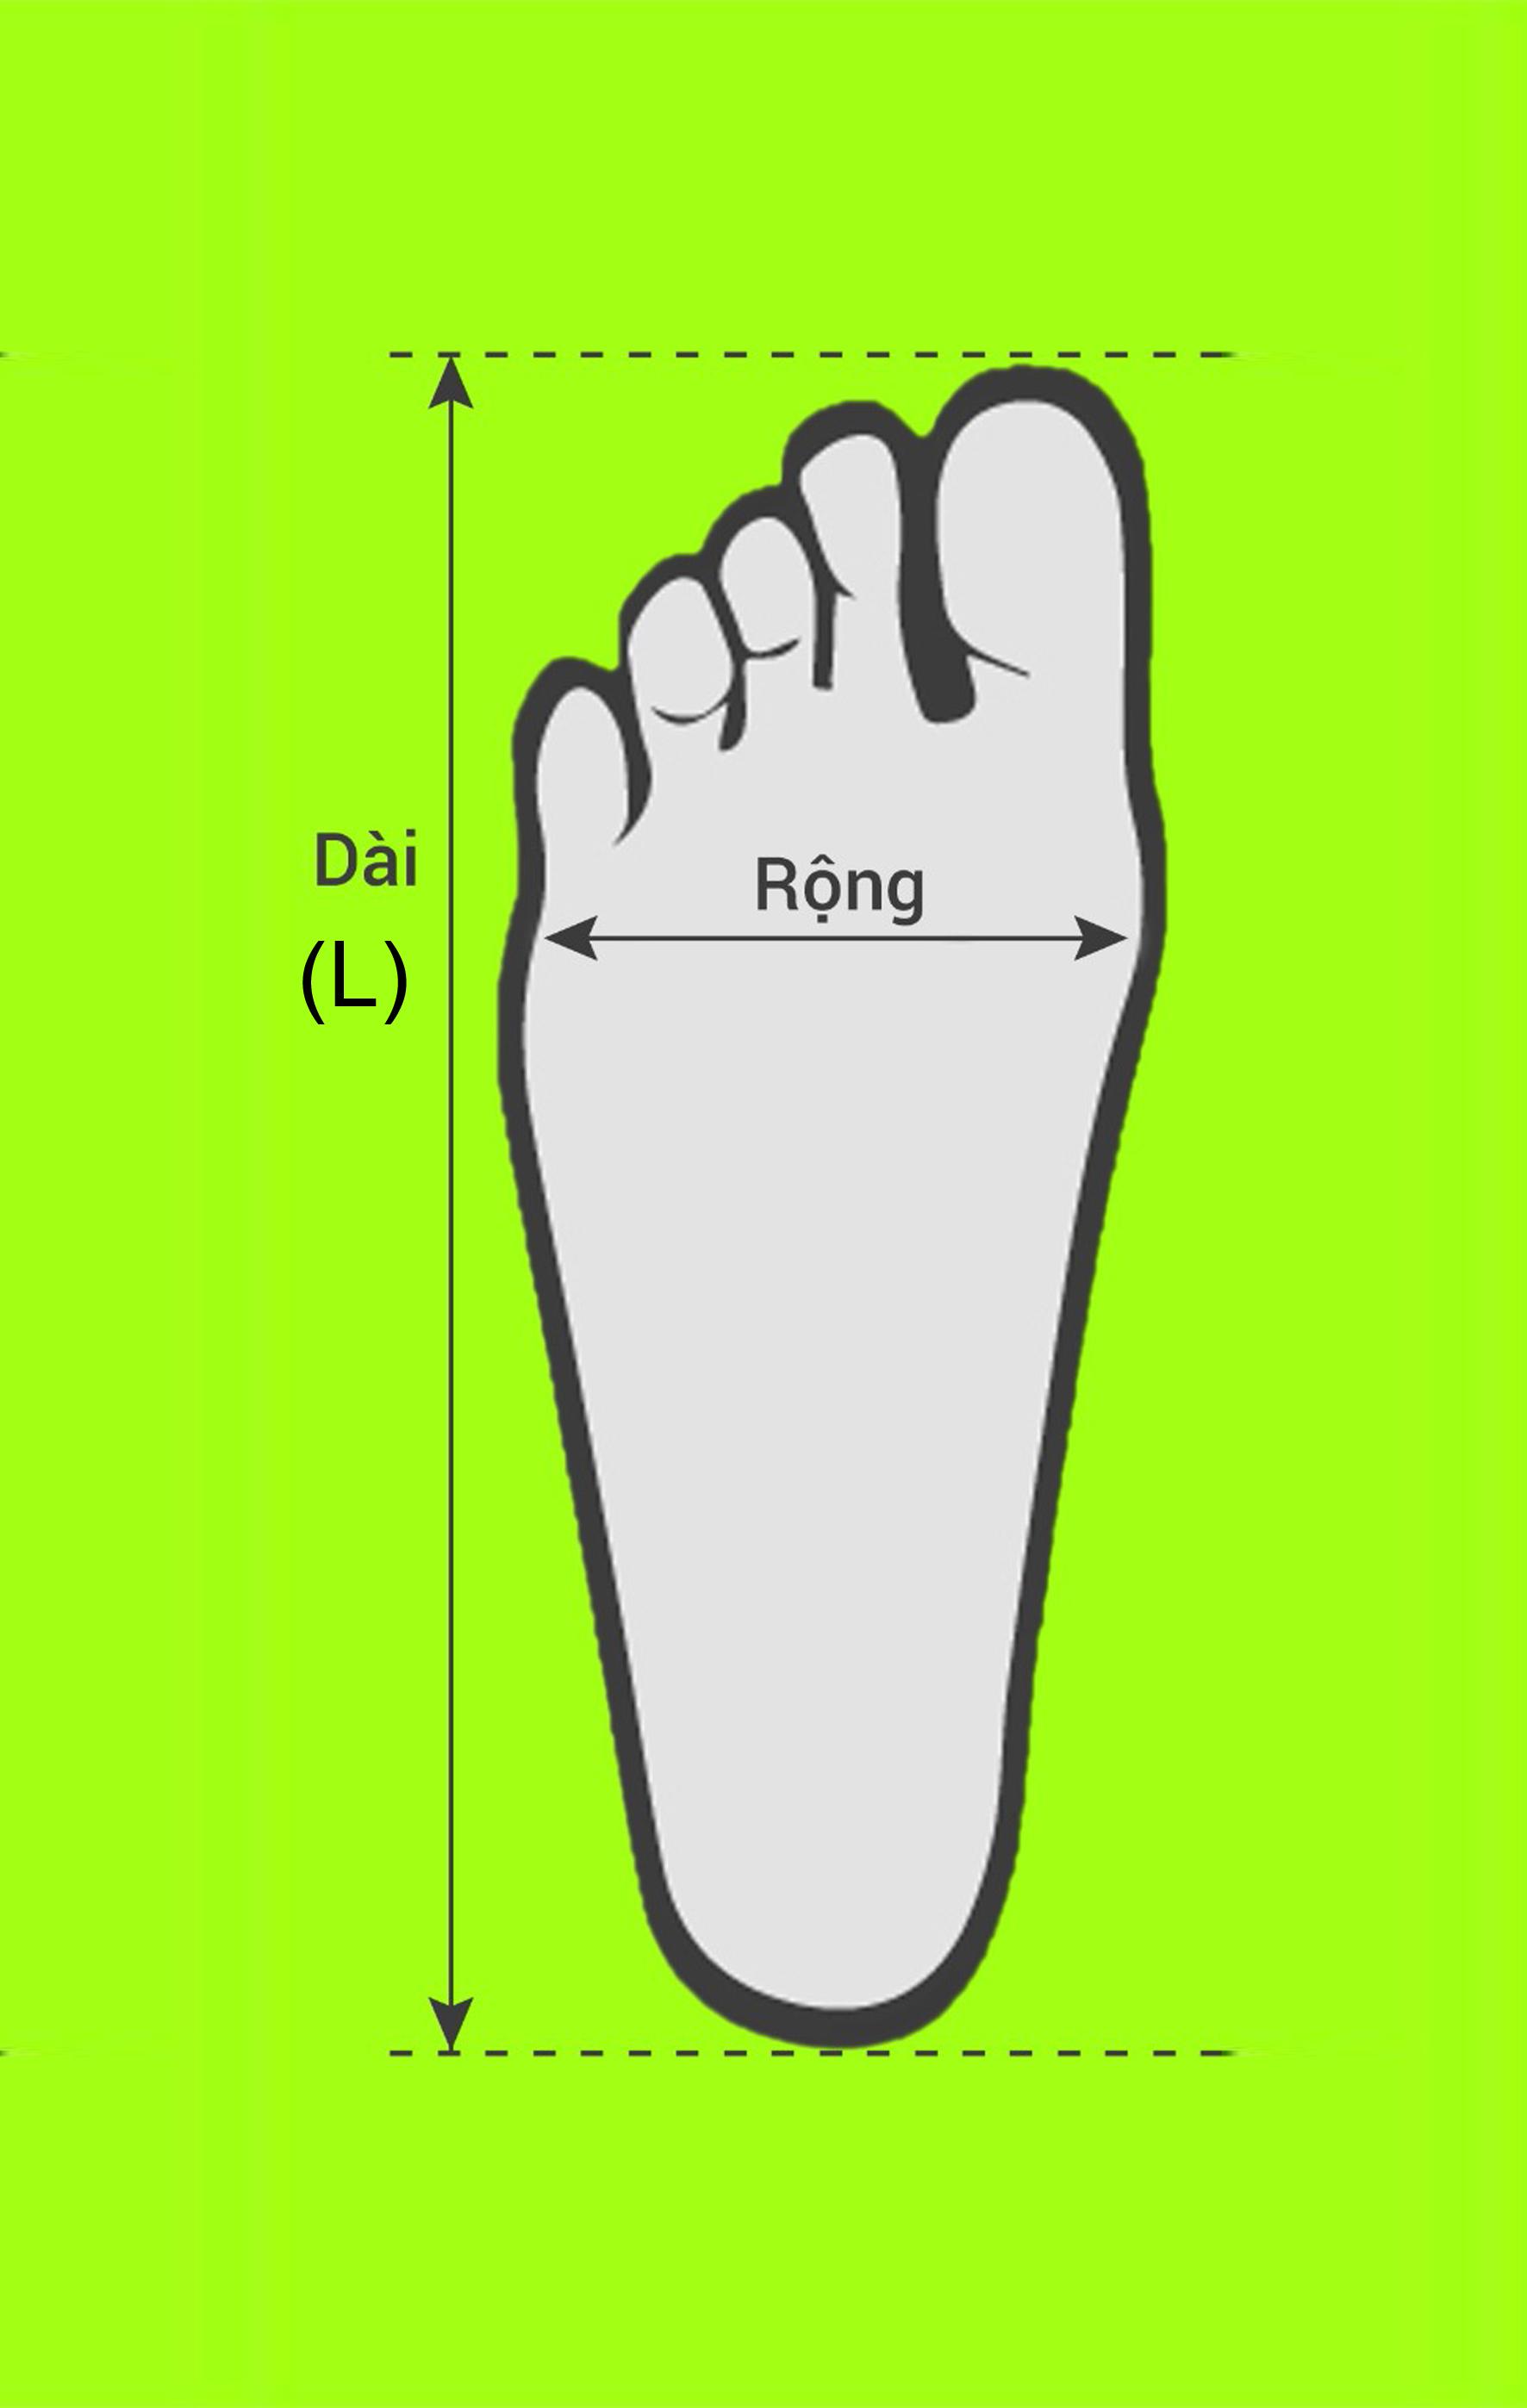 Đo điểm đầu ngón chân dài nhất và điểm ở gót chân